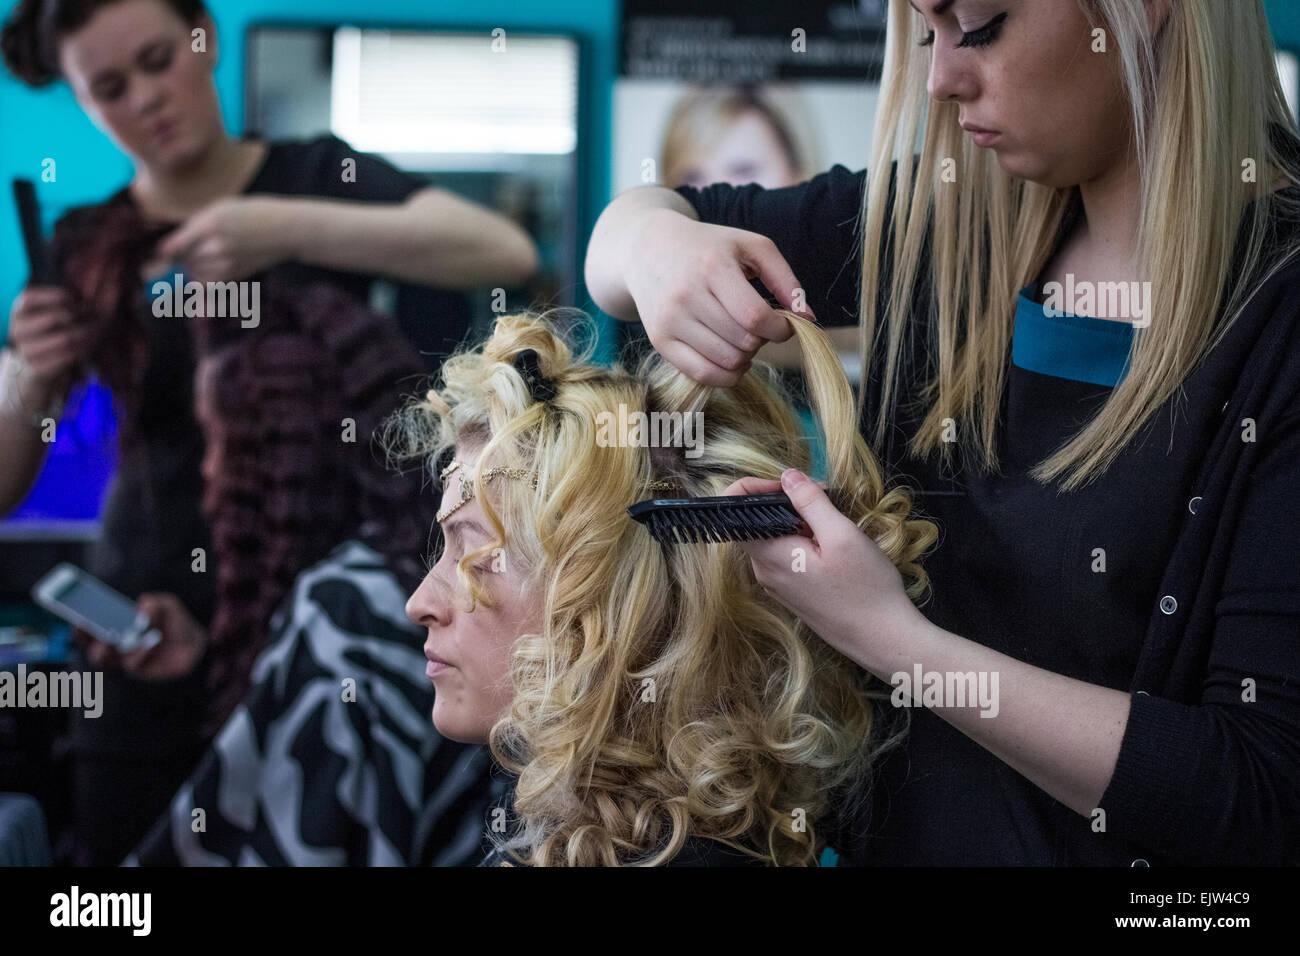 Friseure arbeiten in einem Salon in Uniform auf weibliche Modelle mit lockigem Haar, blond, eine Brünette. Stockbild